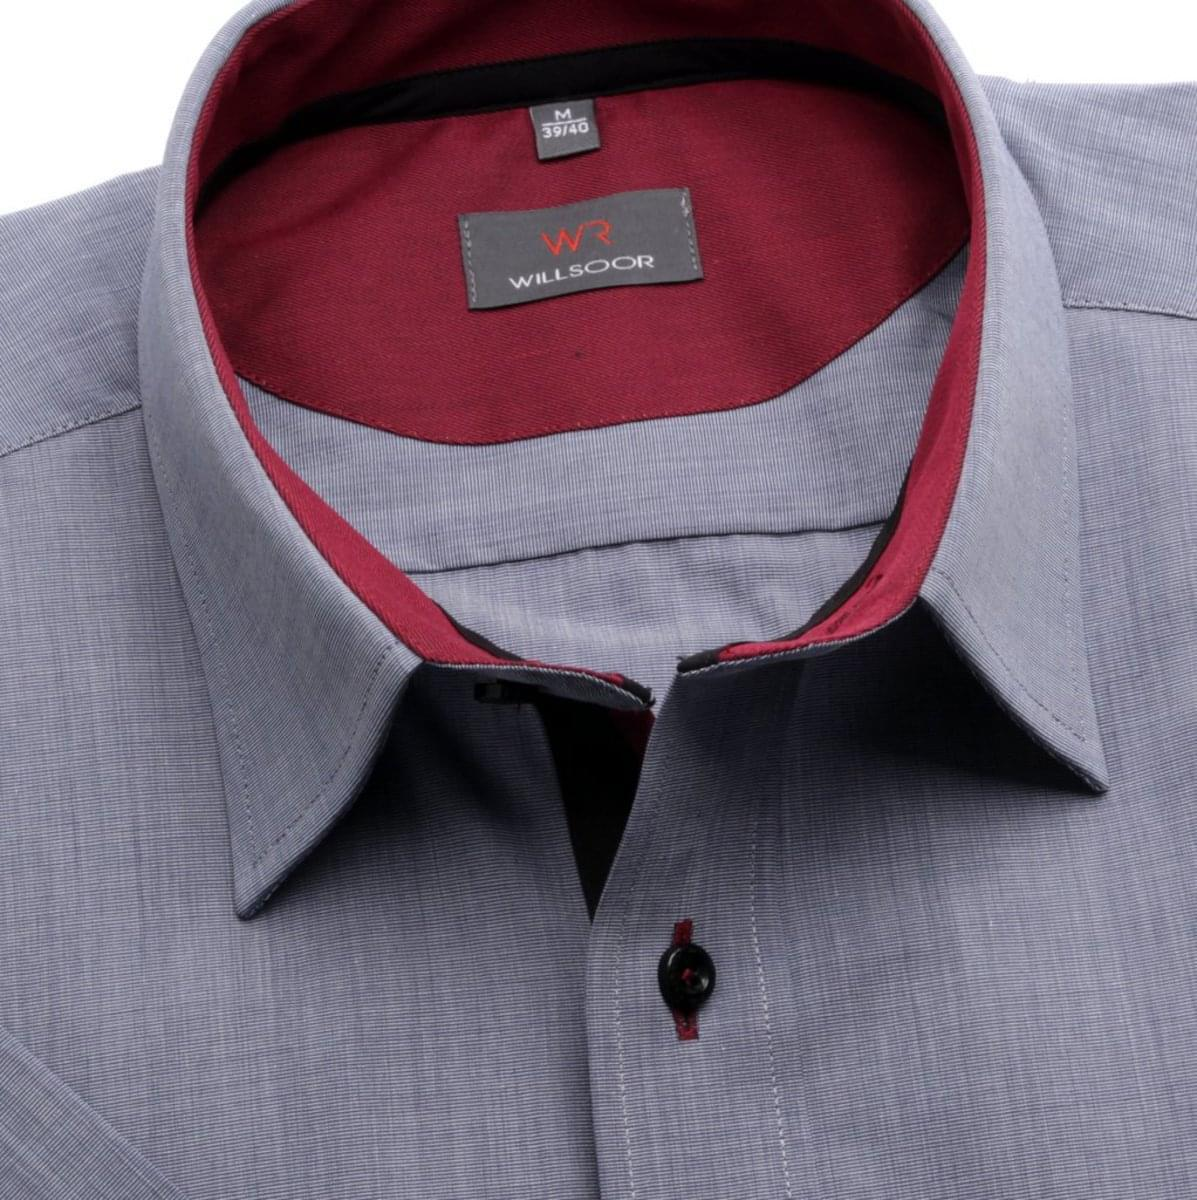 Pánská slim fit košile (výška 176-182) 6381 v šedé barvě s formulí Easy Care 176-182 / M (39/40)